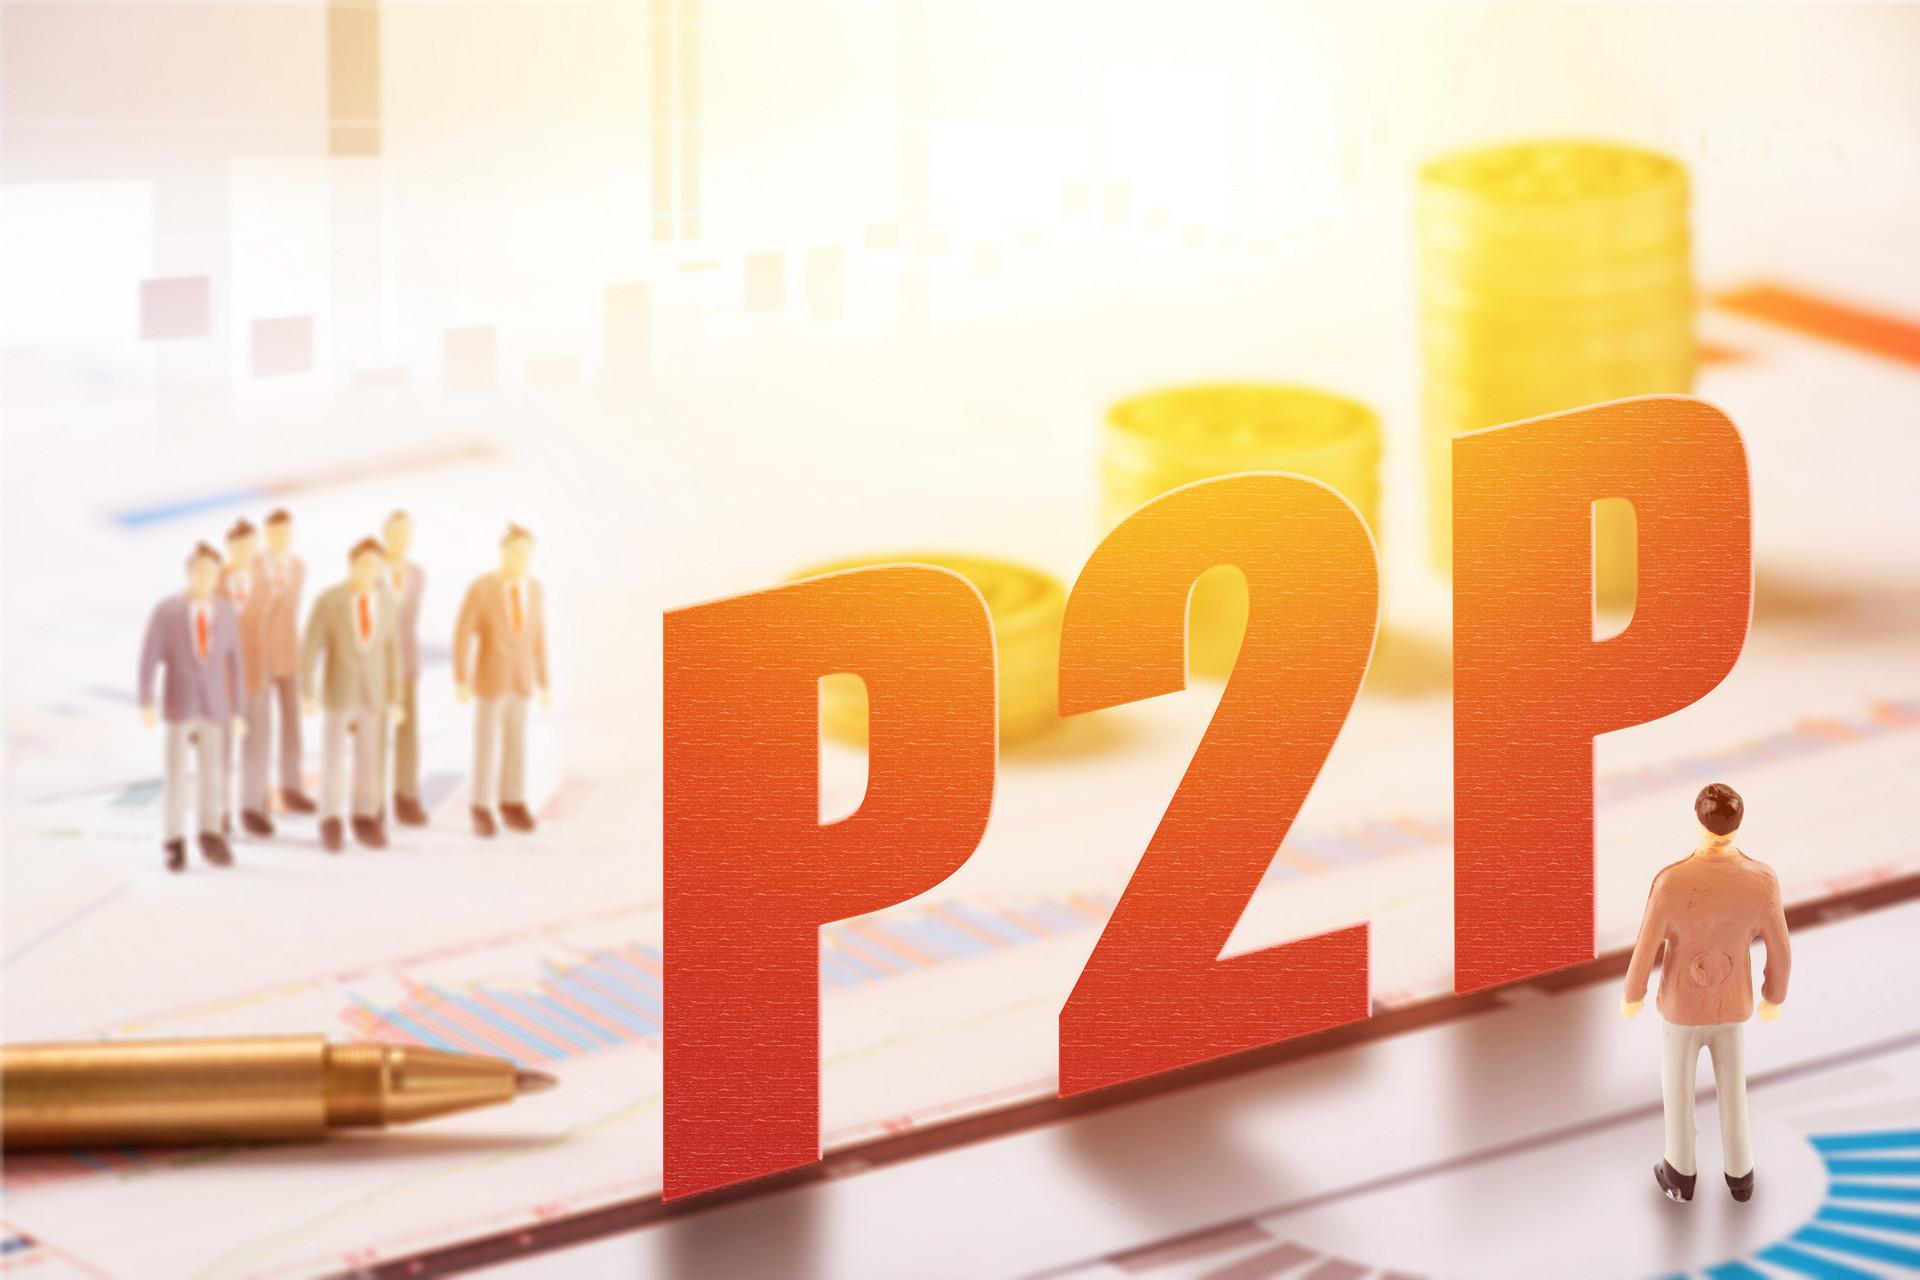 2019年特斯拉共开放112座超级充电站874个充电桩